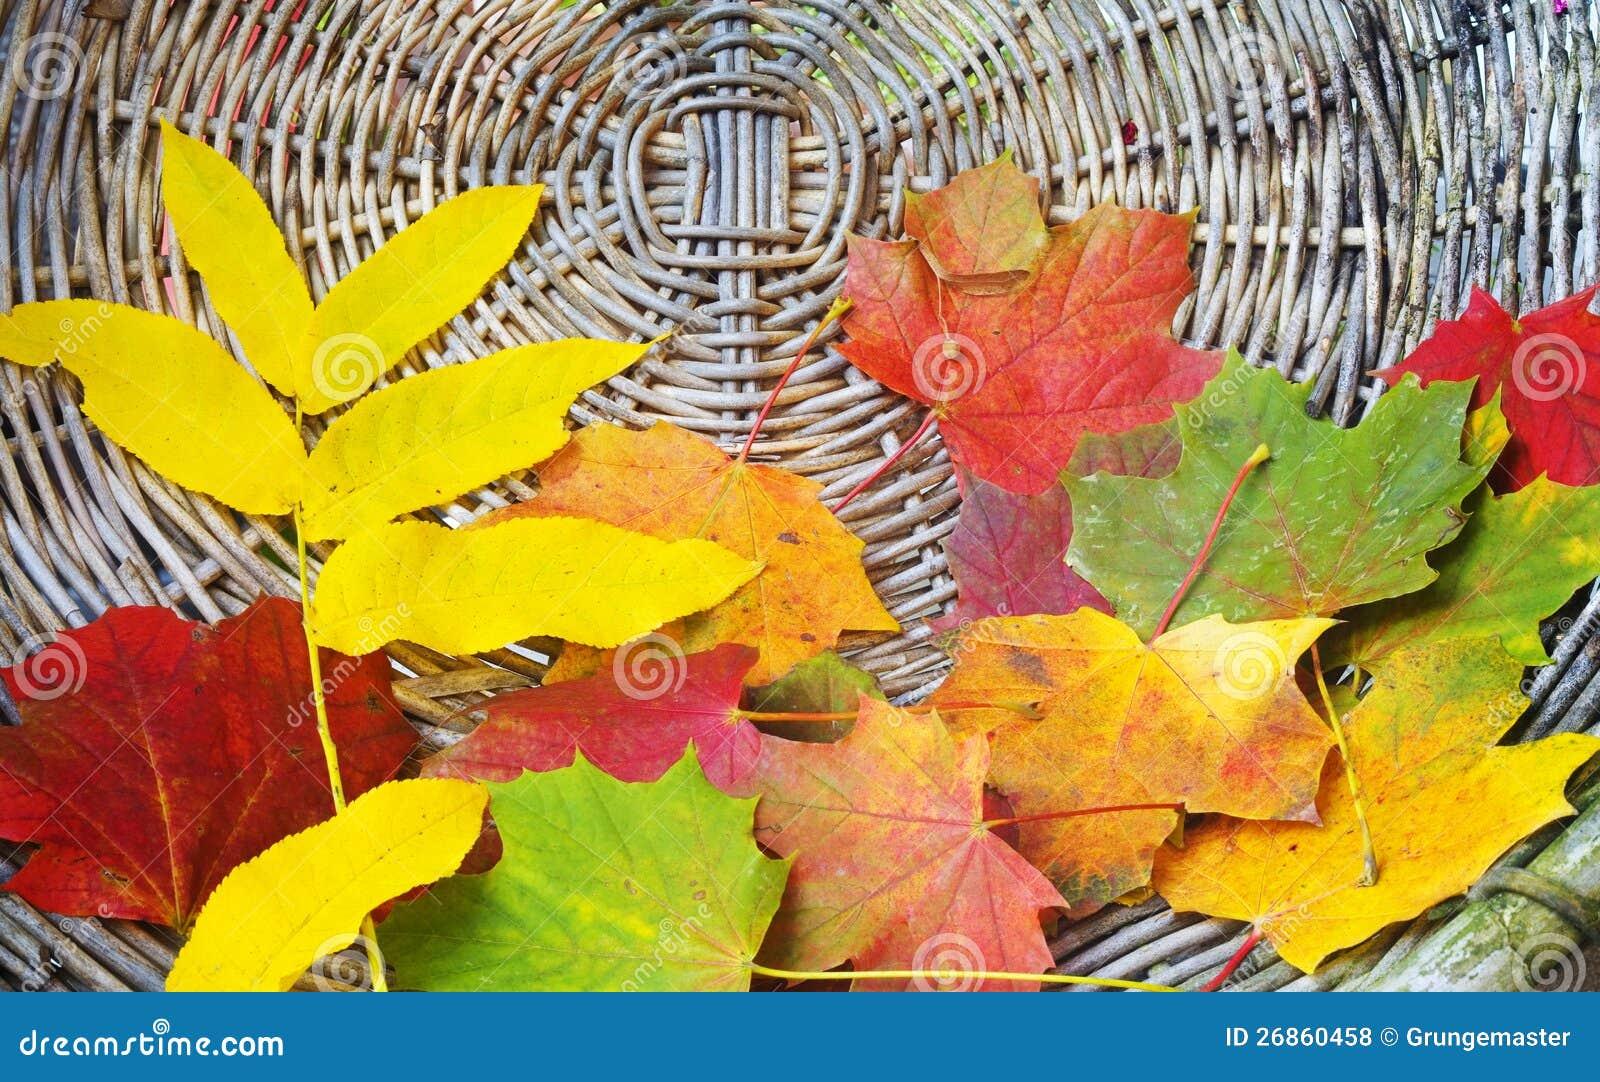 冷双成到秋叶房里表白-秋叶依剑冷双成h,秋叶冷双成,,图片